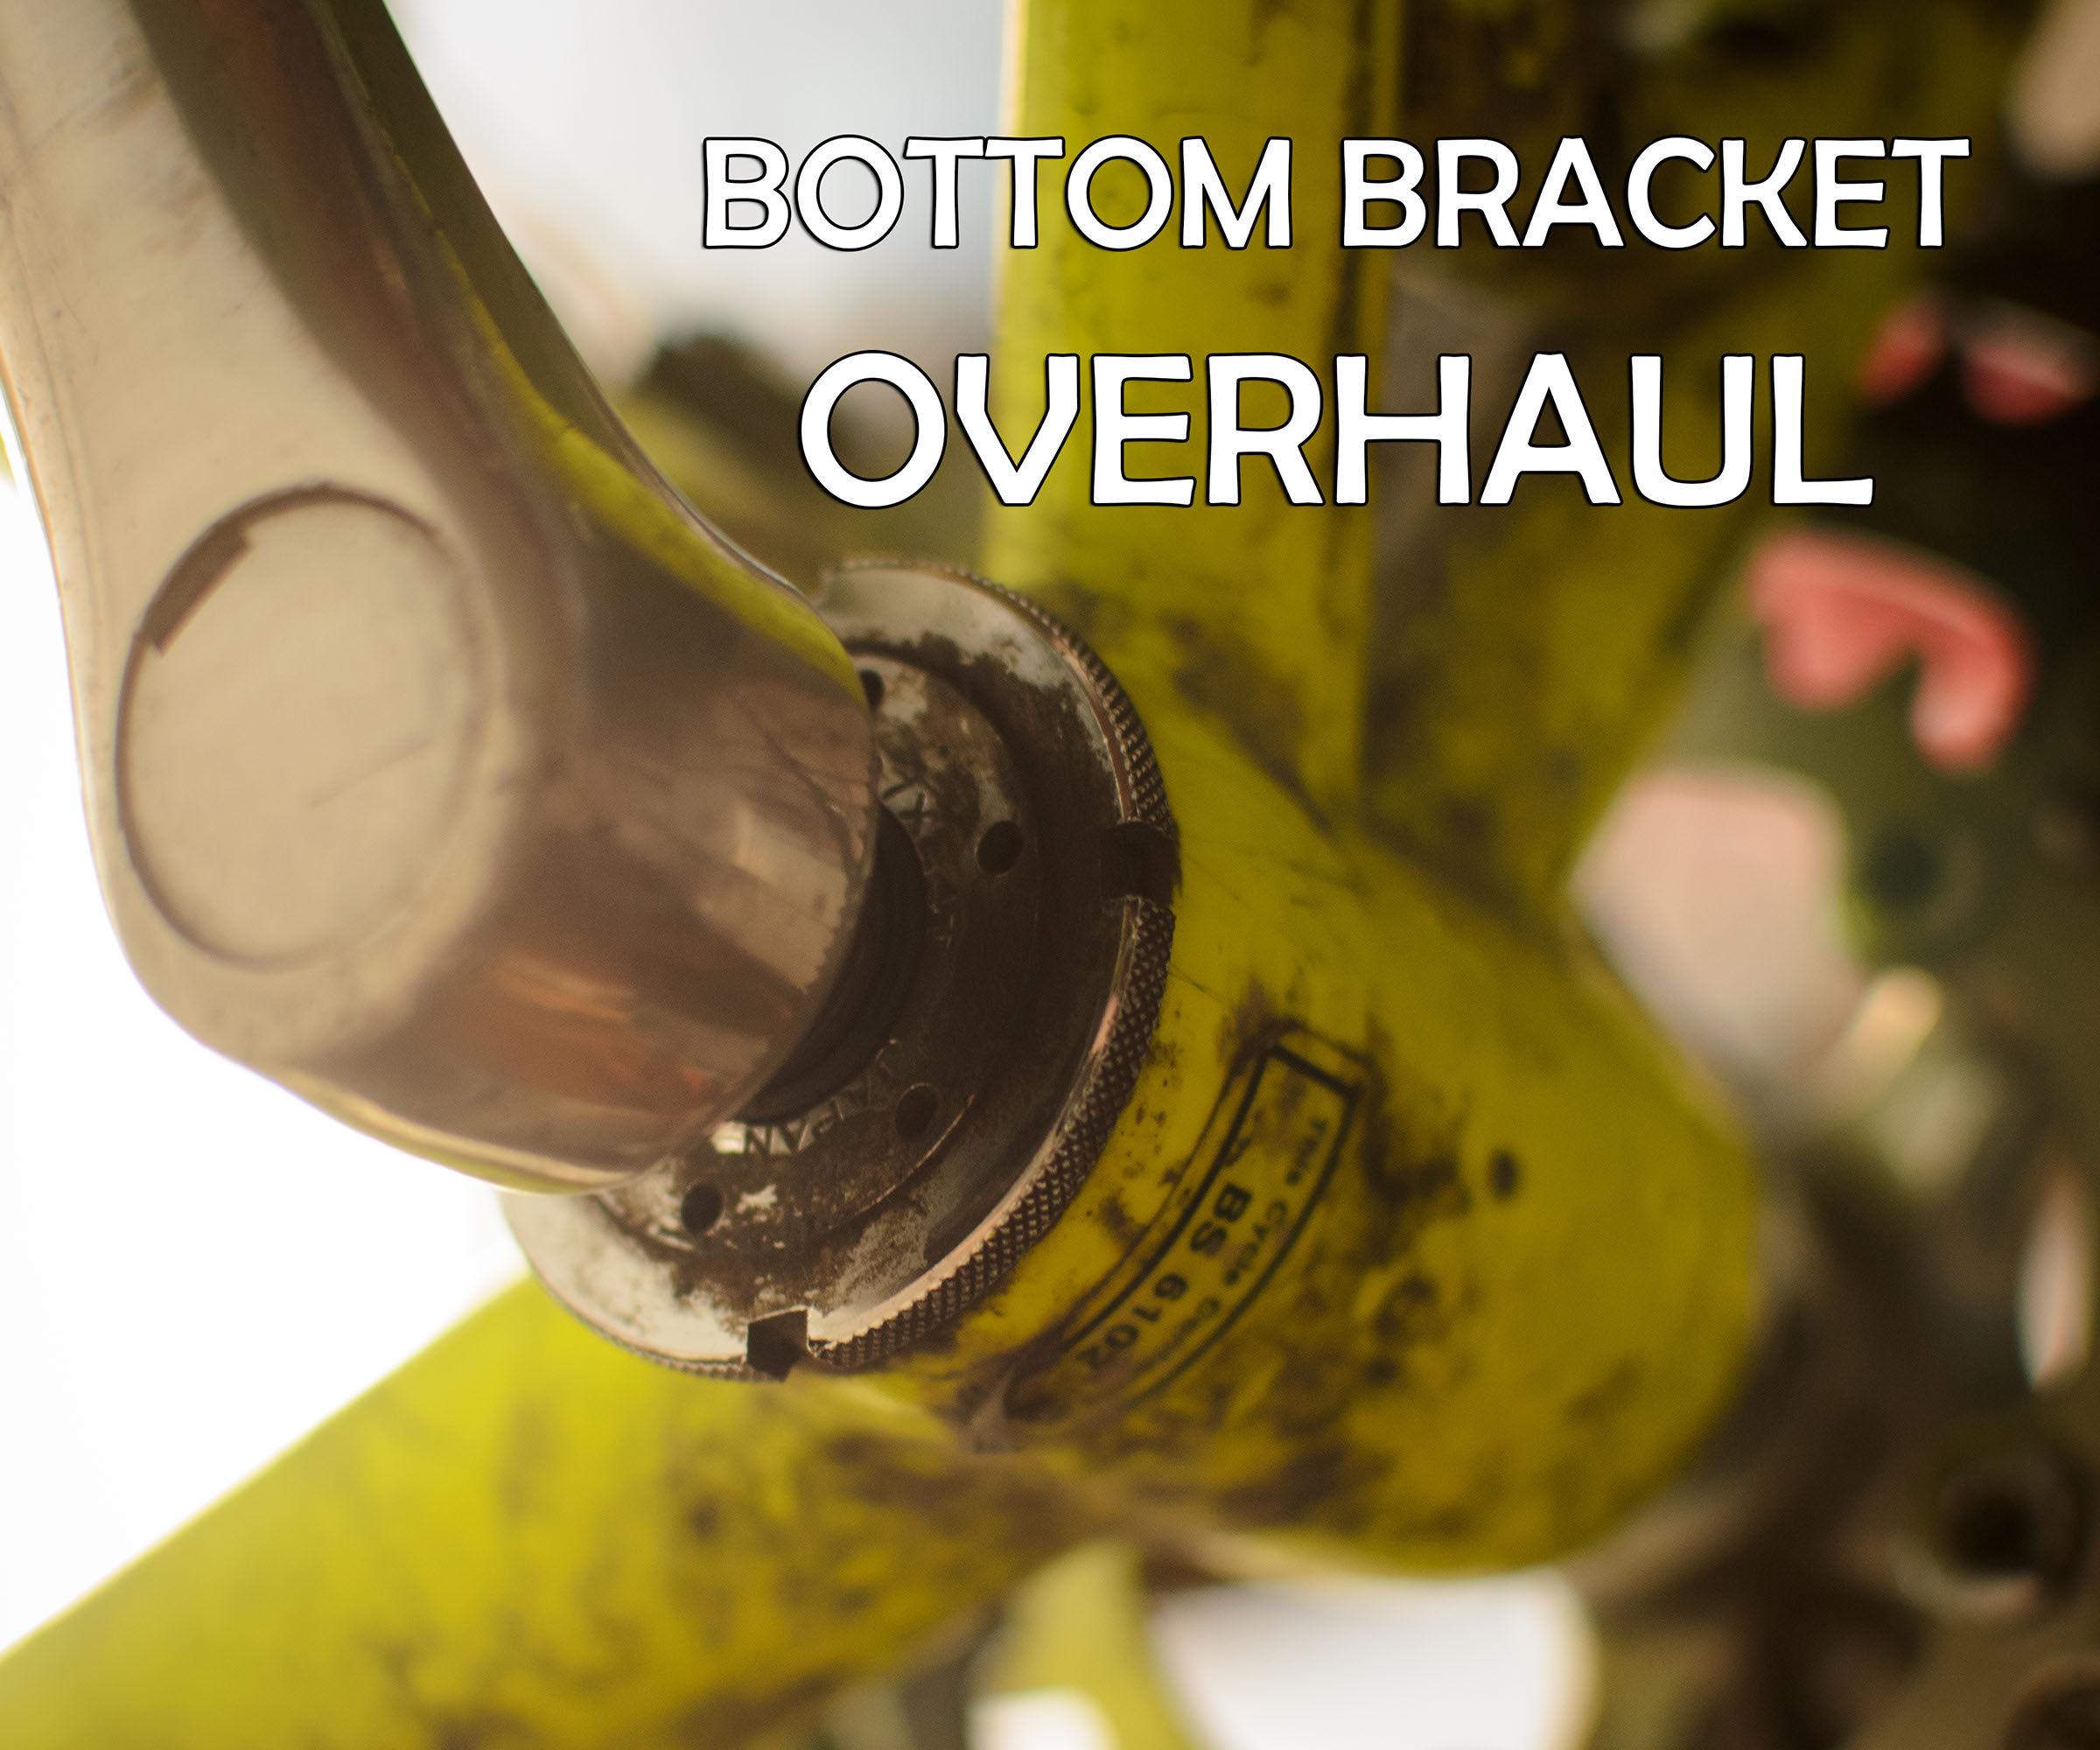 Bottom Bracket Overhaul (bicycle maintenance)